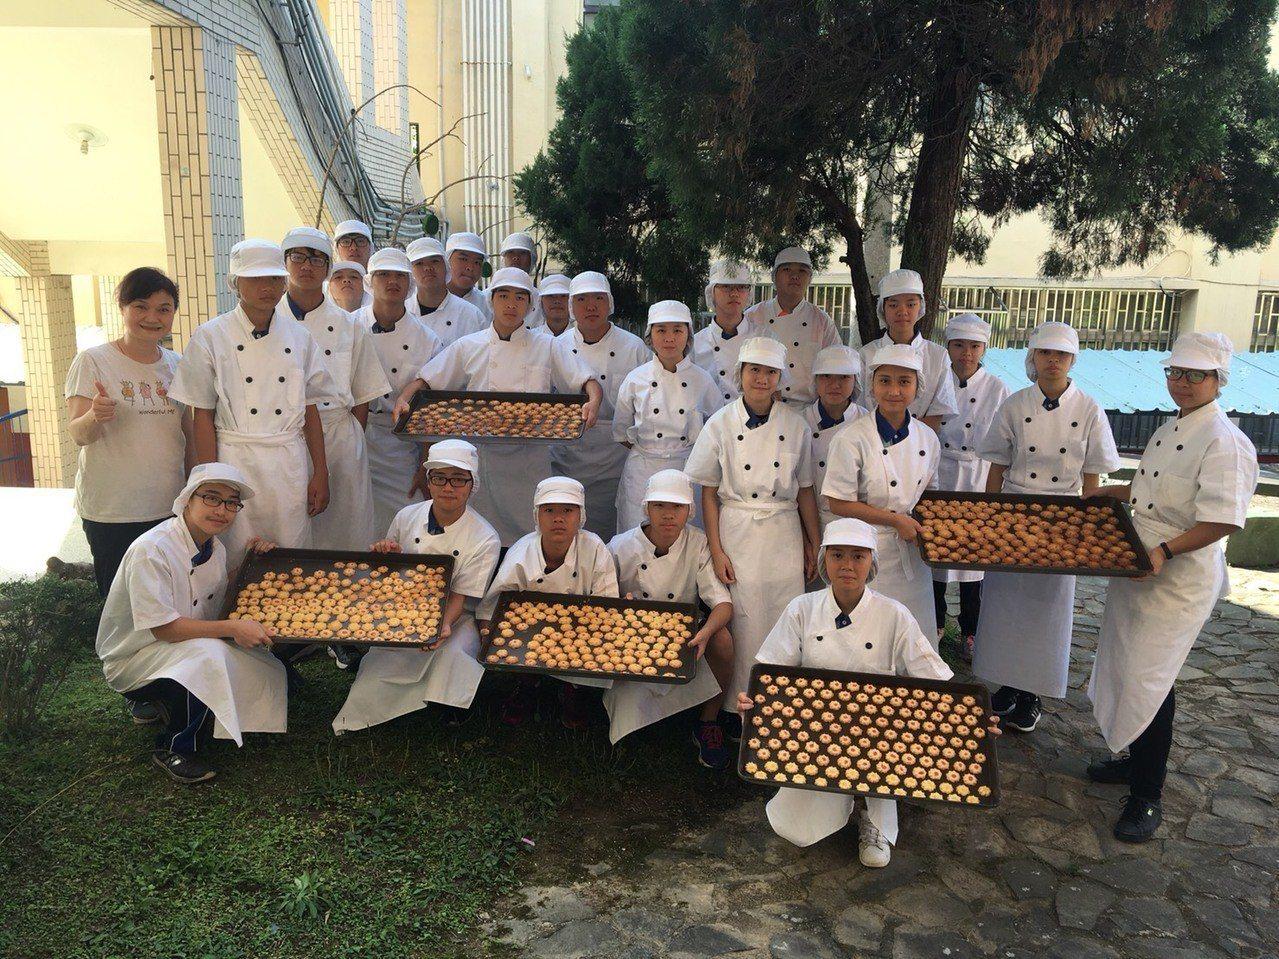 華山國中的老師指導學生自製「菊花小餅乾」、「桔醬」,象徵吉利、希望考試能開花結果...